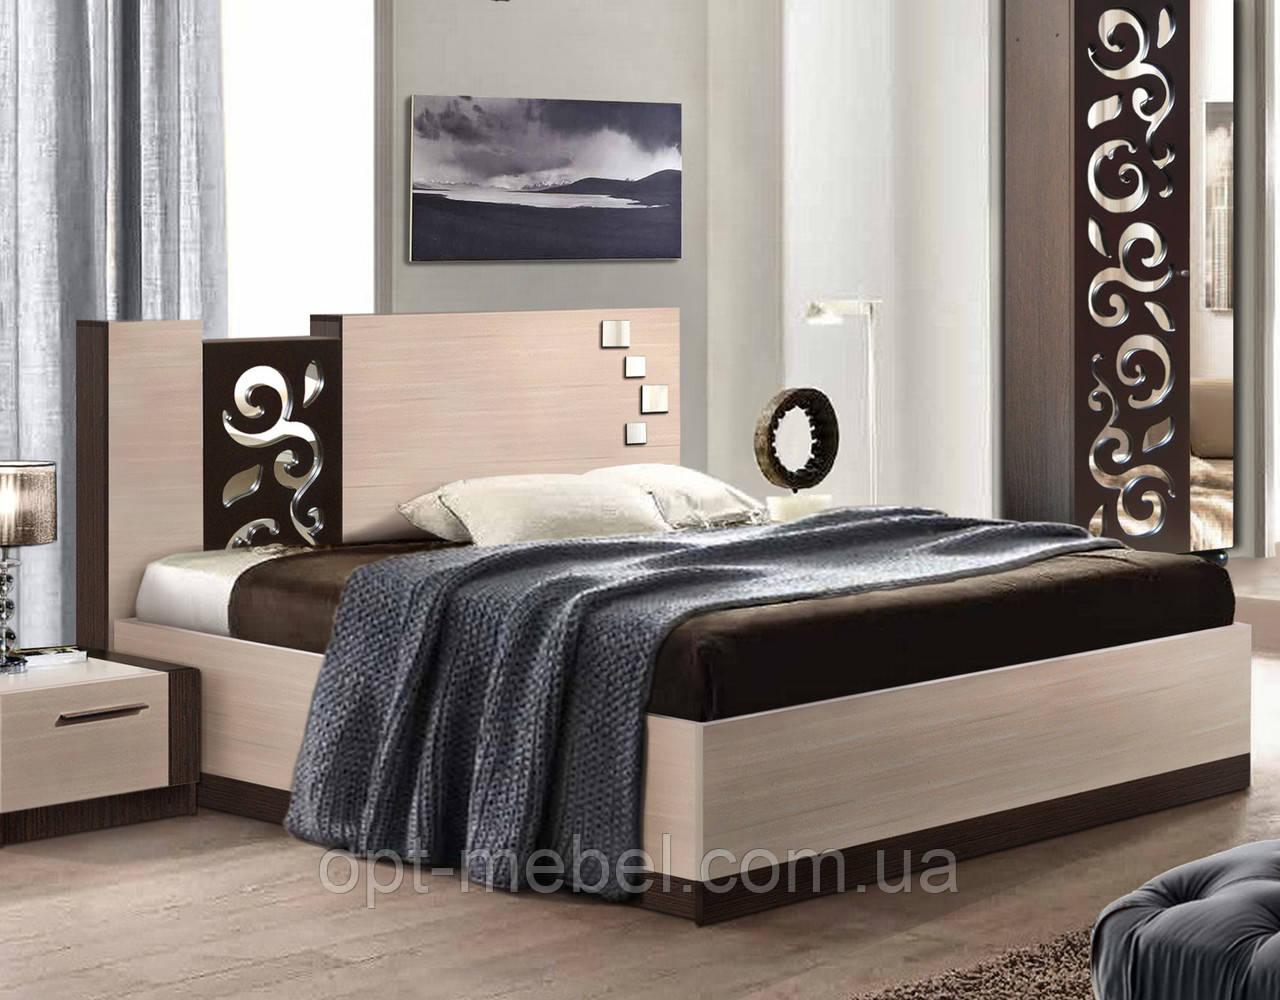 Ліжко Сага 1600 з підйомним механізмом